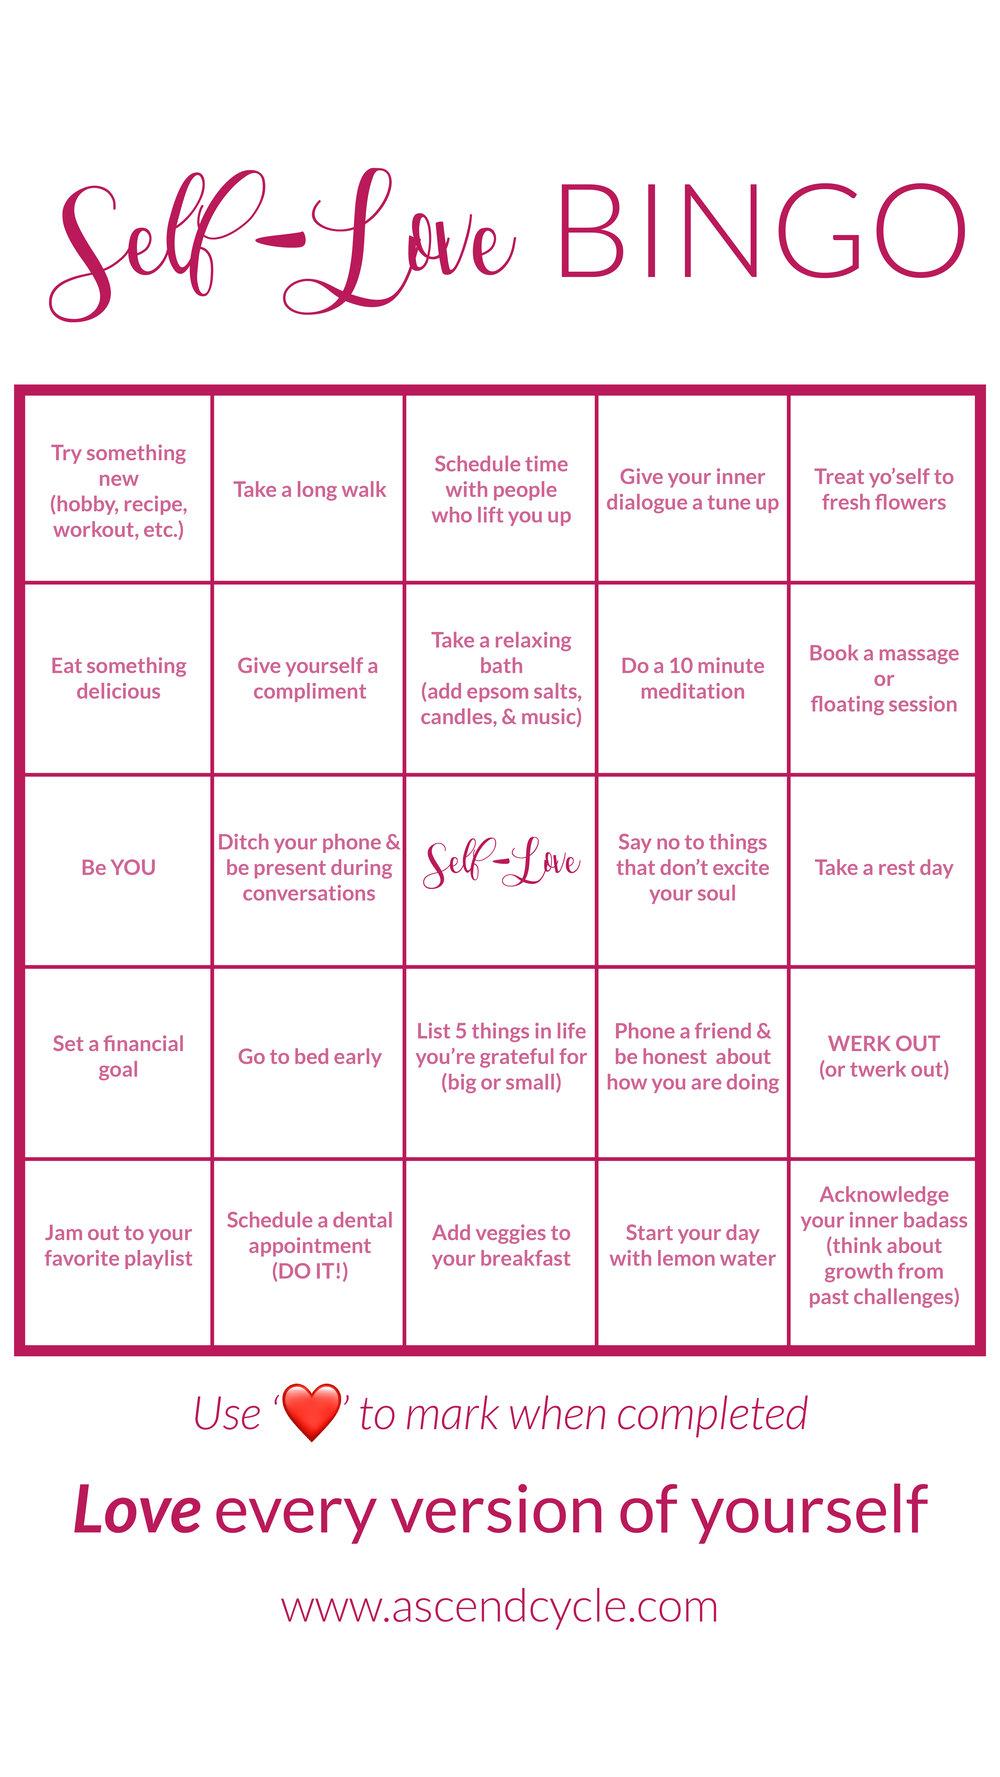 bingo2-02.jpg